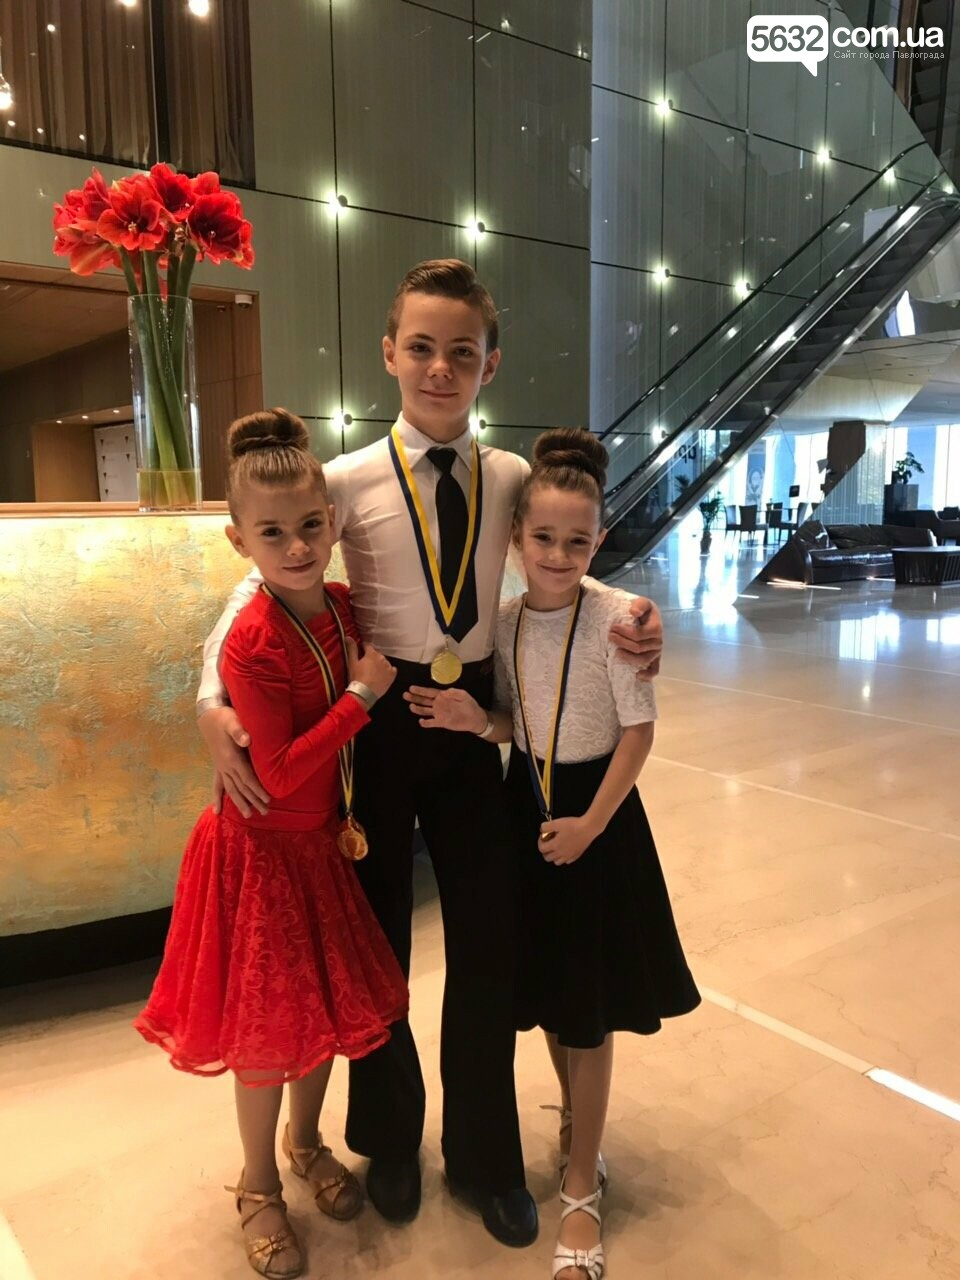 Павлоградцы покорили главные соревнования страны по спортивно-бальным танцам, фото-7